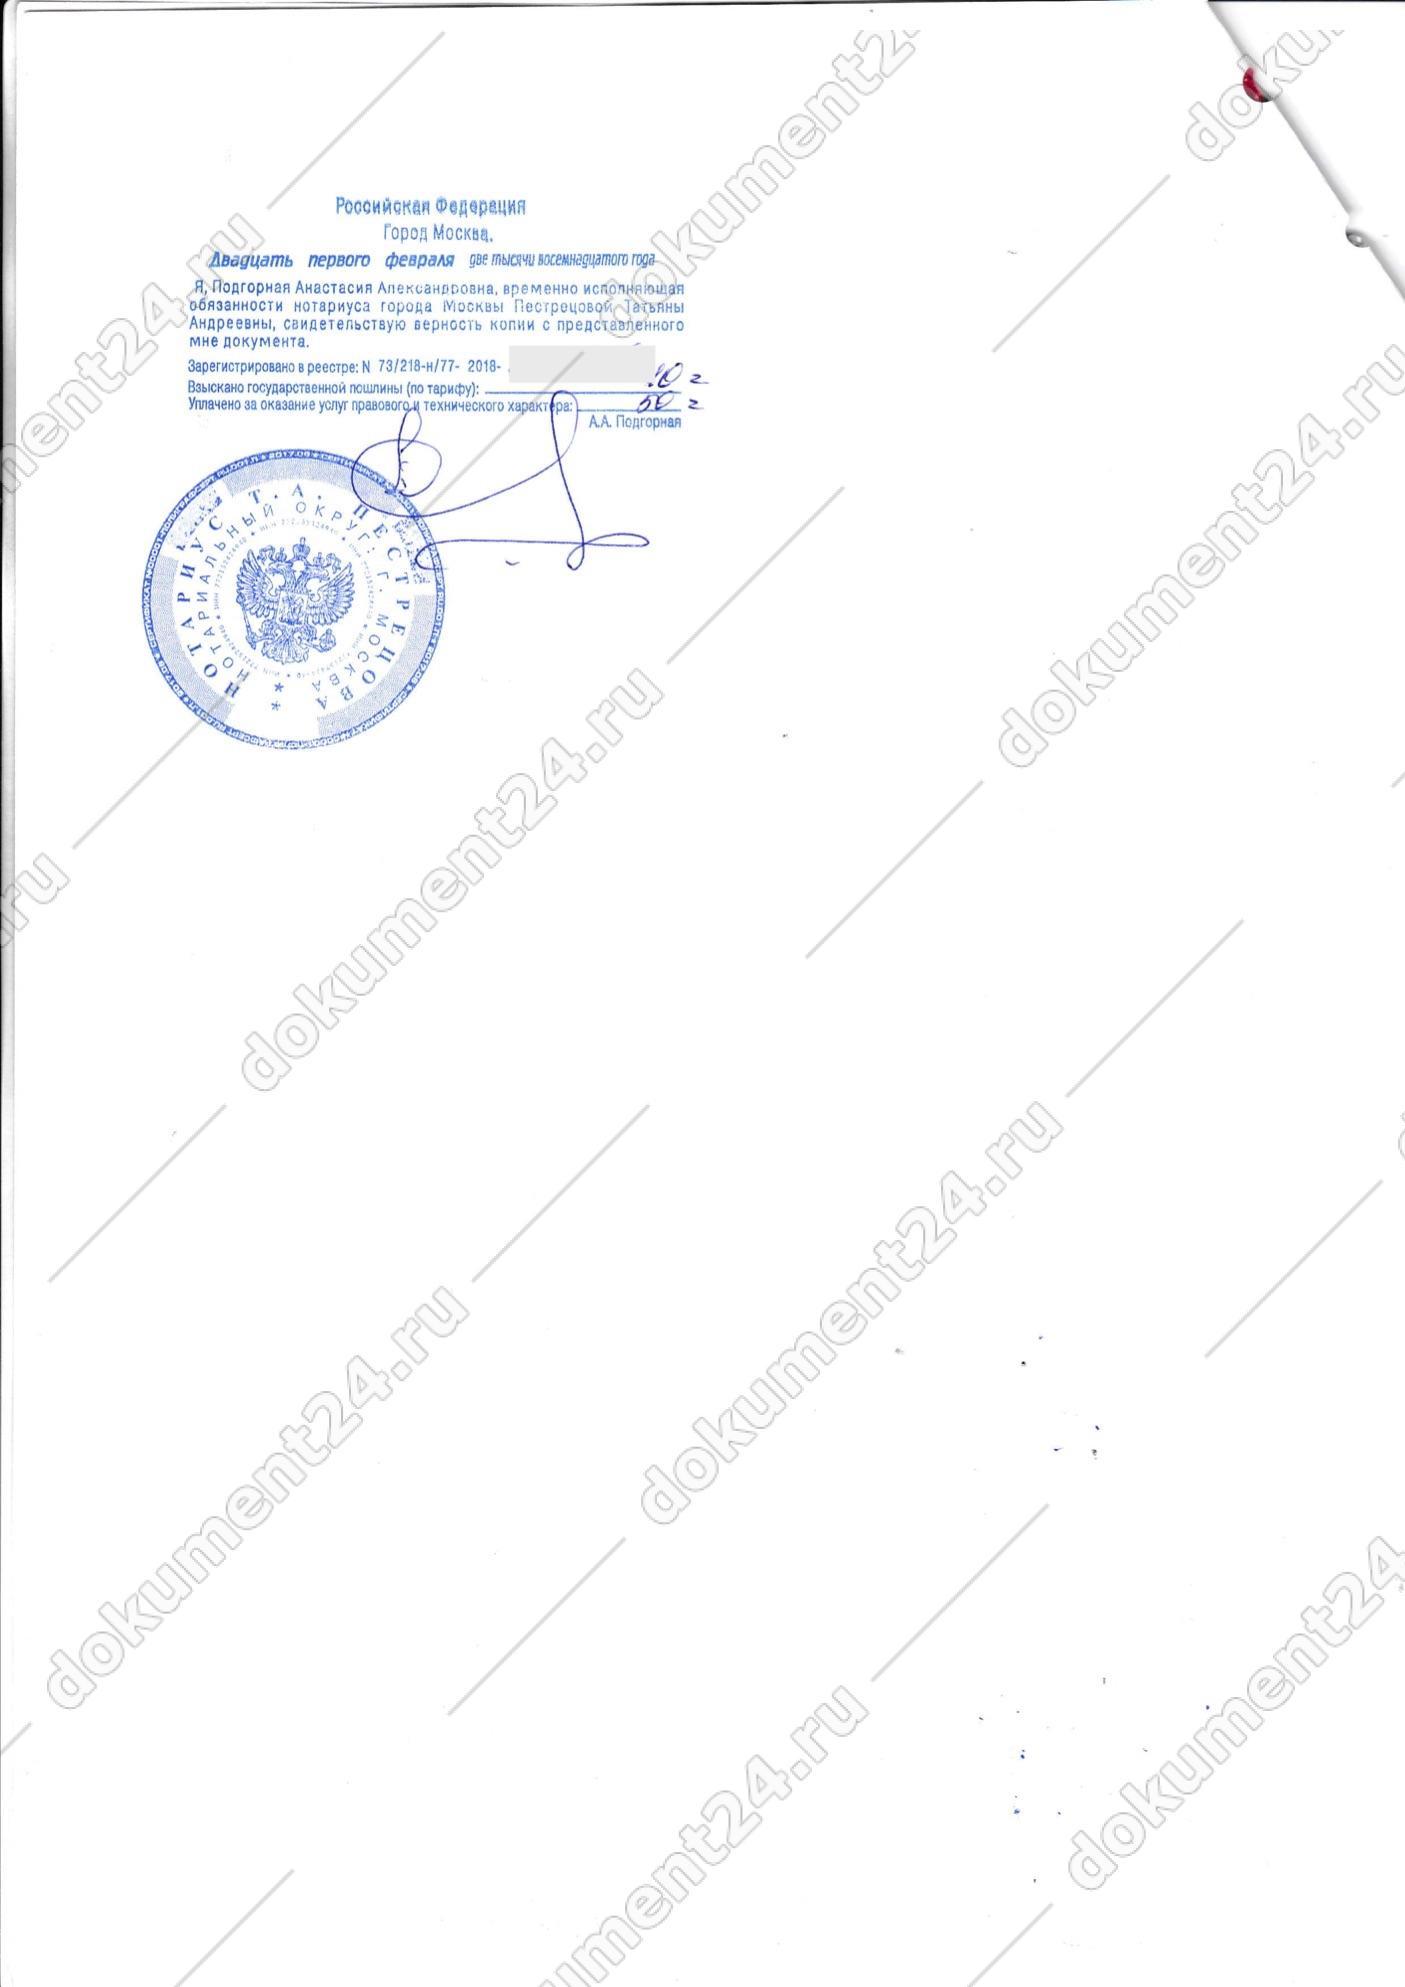 notarialnaya kopiya perevodnogo sertifikata oae